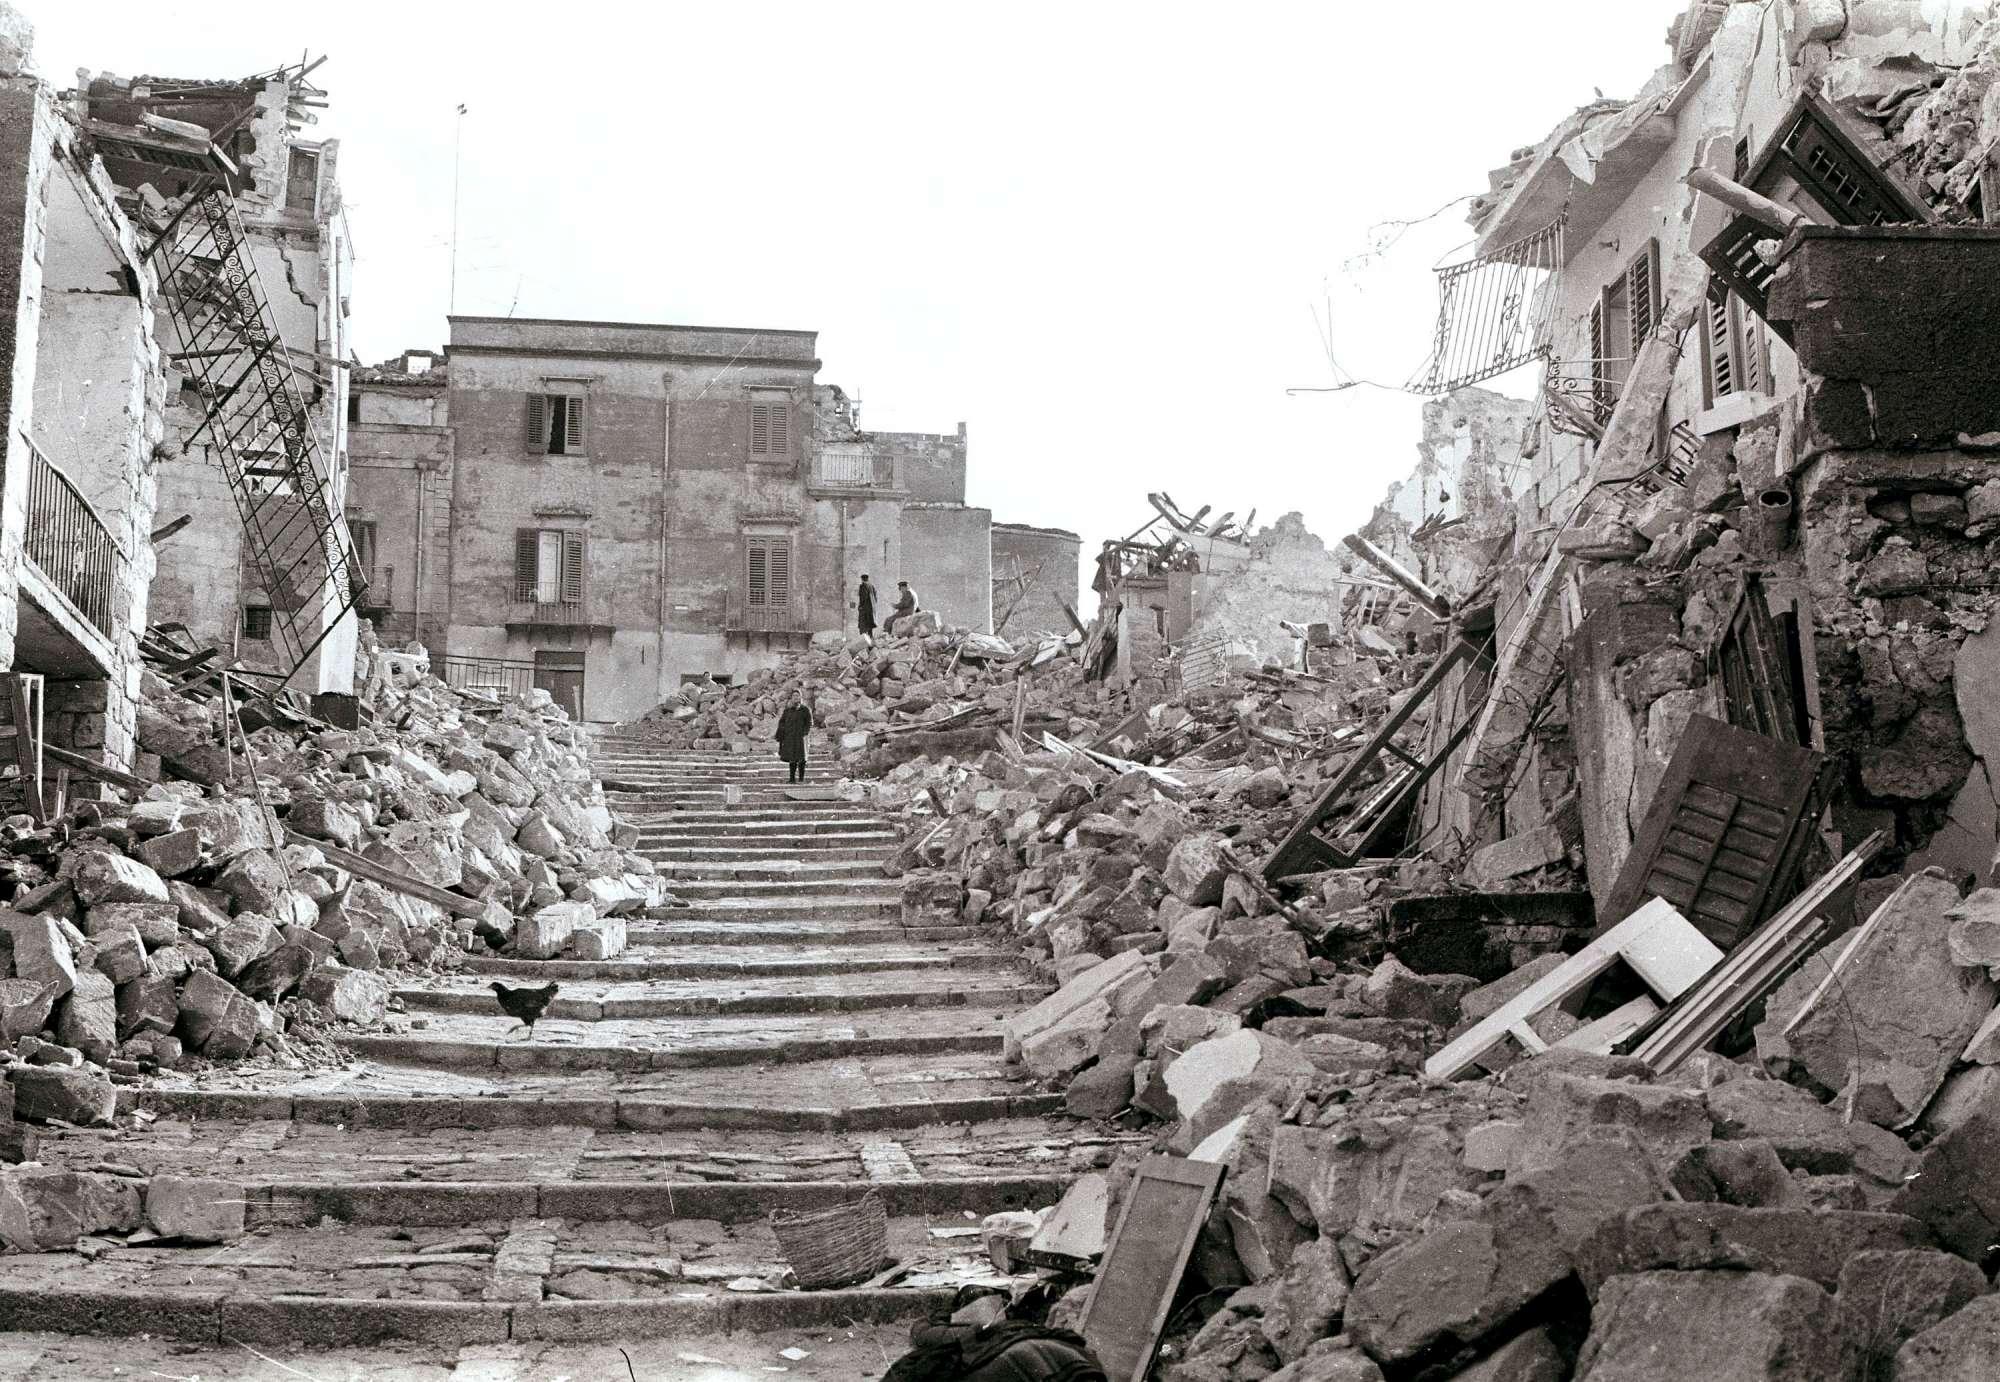 Terremoto del Belice, 50 fa il sisma che devastò la valle siciliana